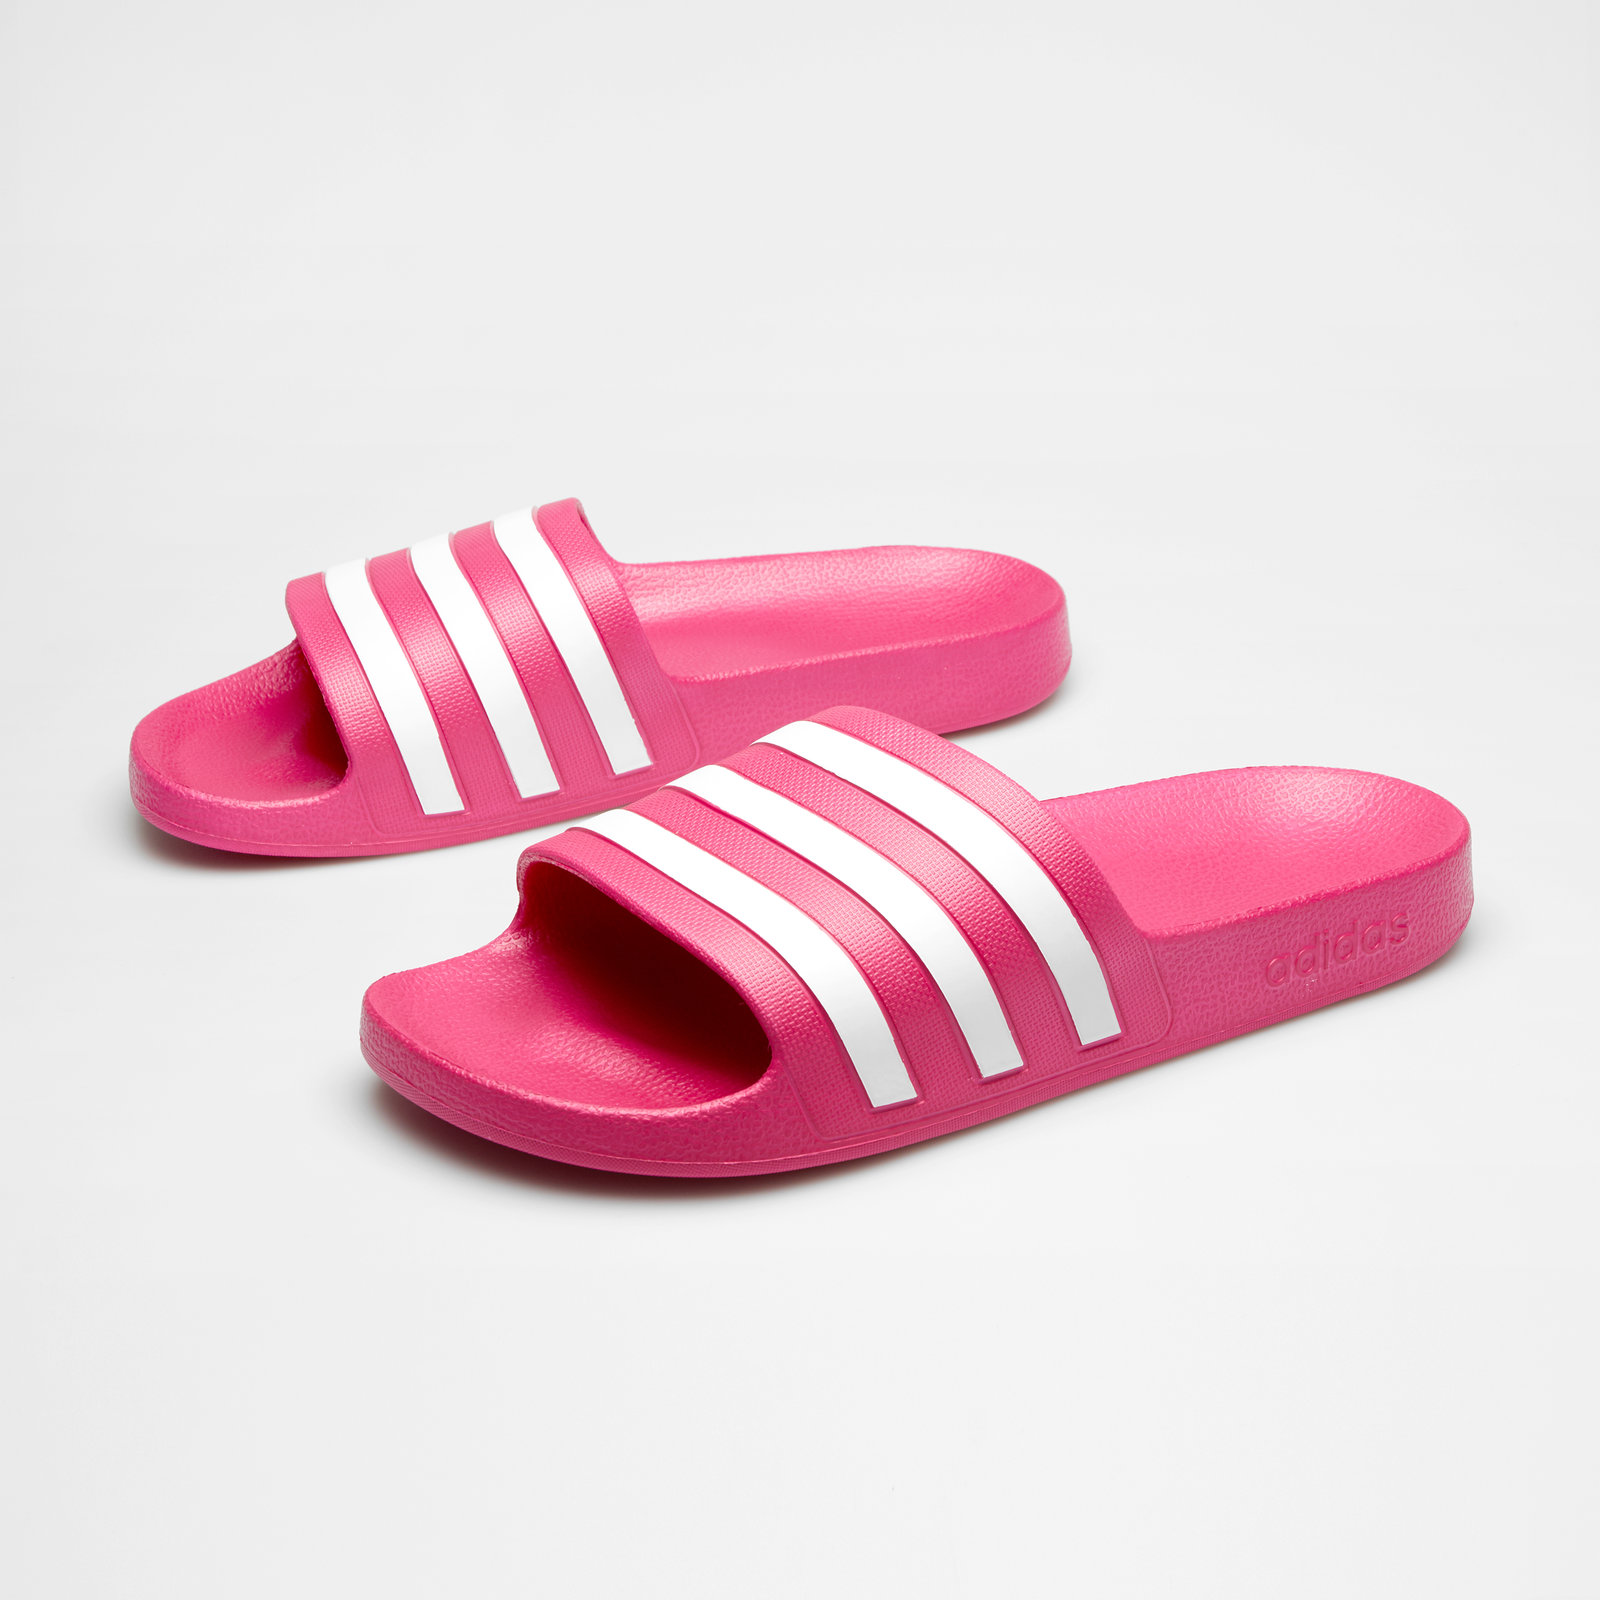 Details about adidas Womens Adilette Aqua Cloudfoam Slide Flip Flops Purple